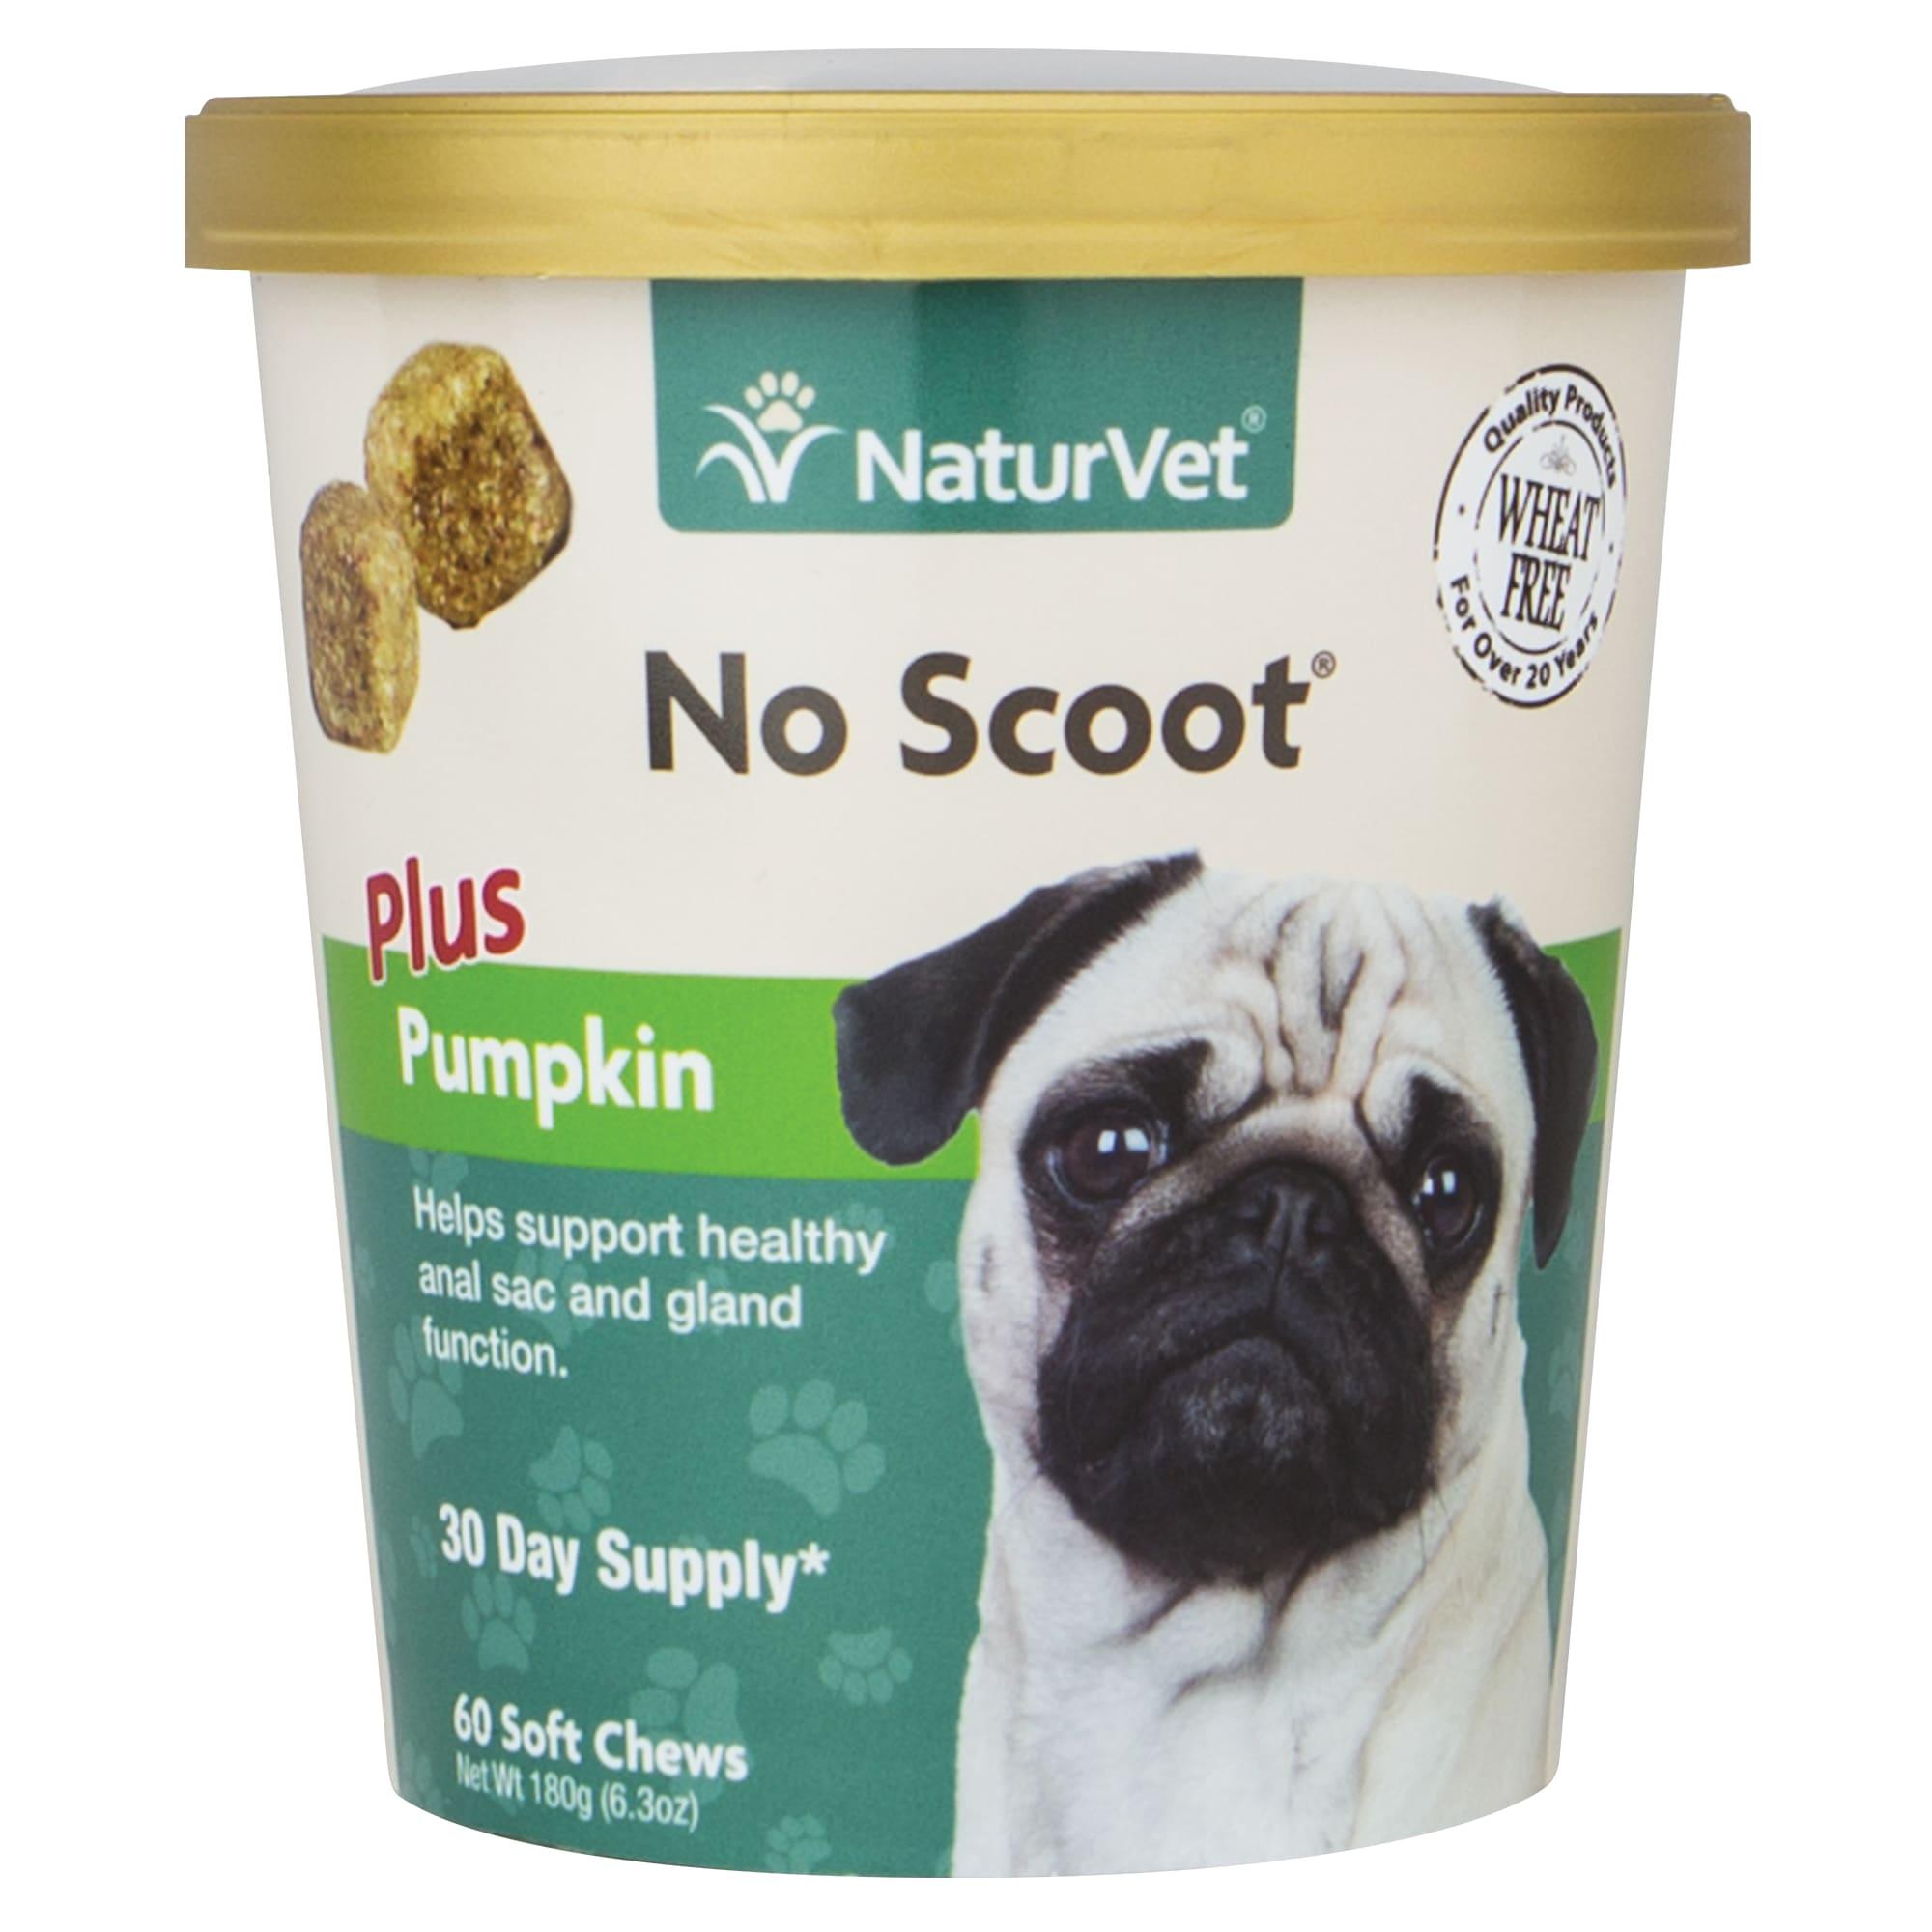 NaturVet No Scoot  Plus Pumpkin  Dogs  Cup  60 Soft Chews